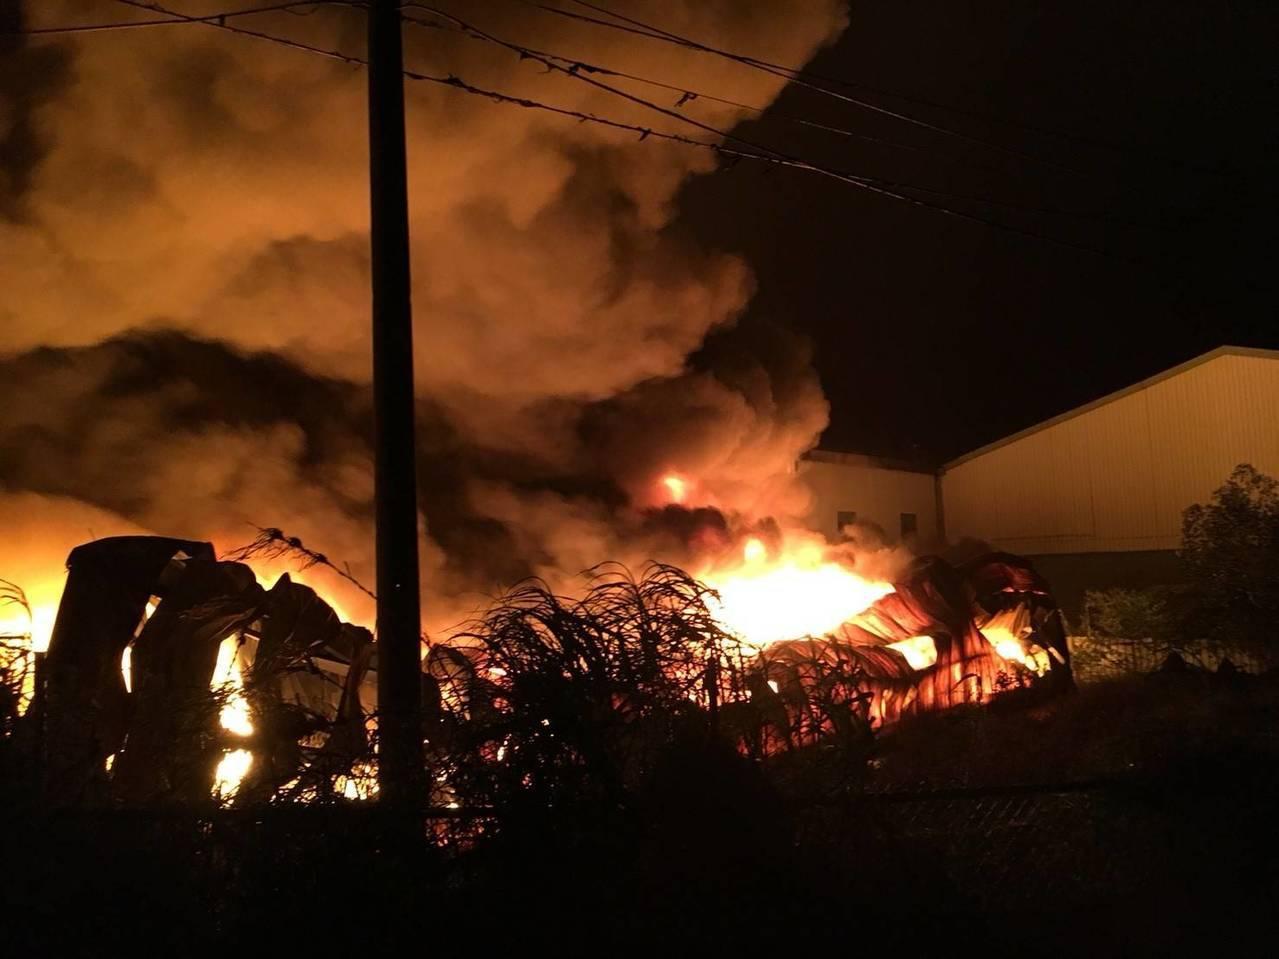 桃園凌晨工廠大火,火光照亮現場濃煙不斷。記者鄭國樑/翻攝